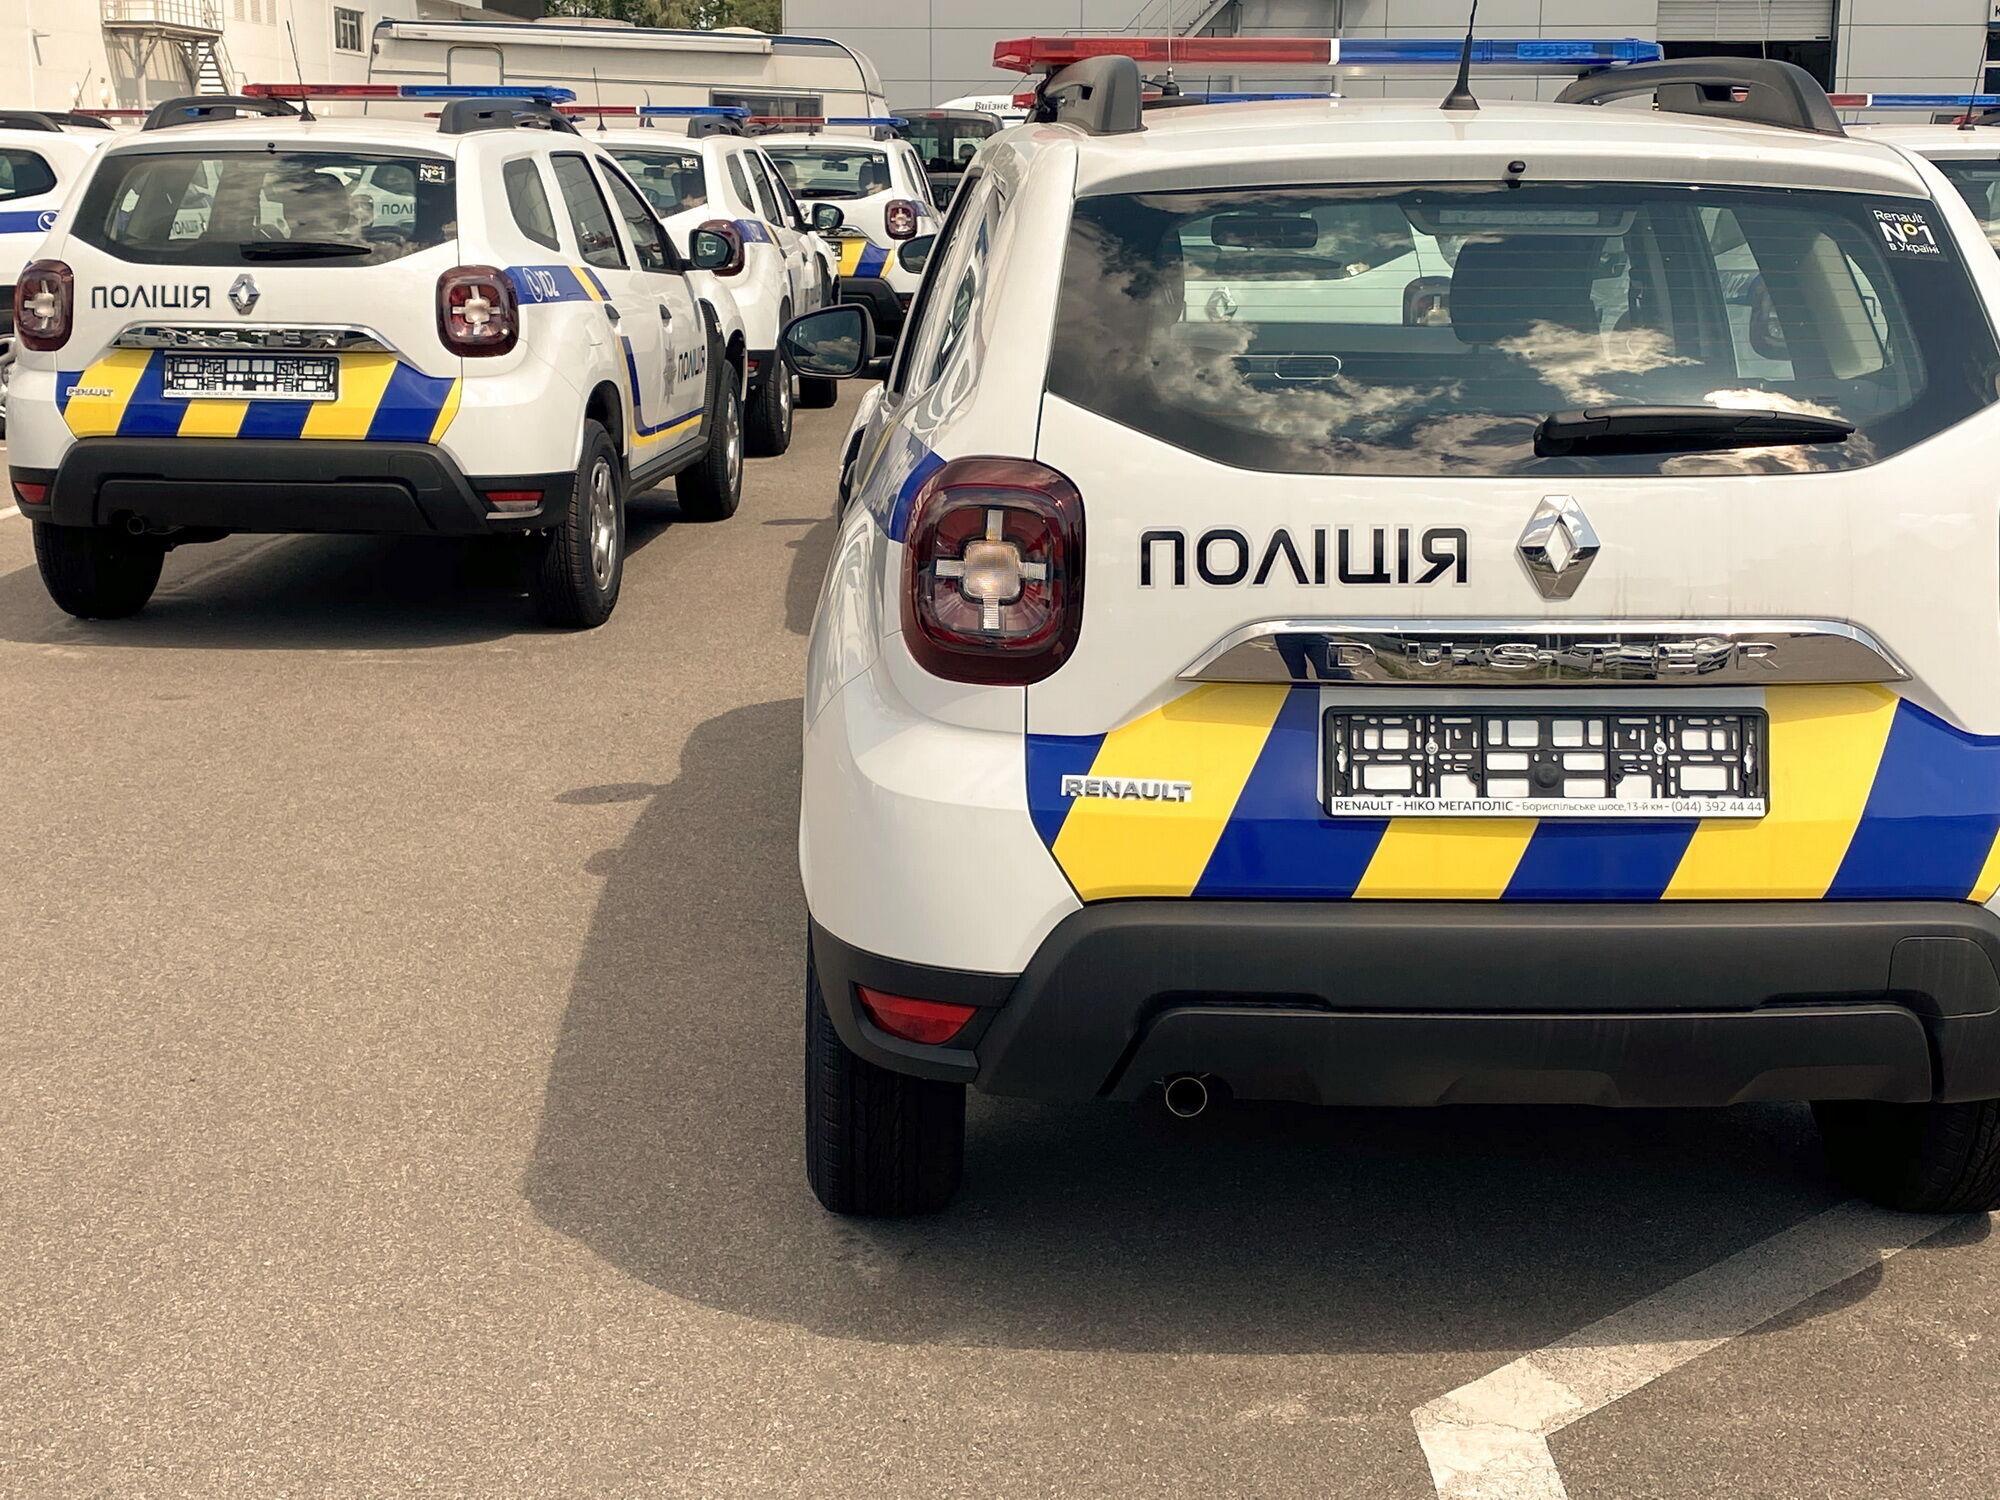 300 специально подготовленных кроссоверов Renault Duster будут служить в Национальной полиции Украины